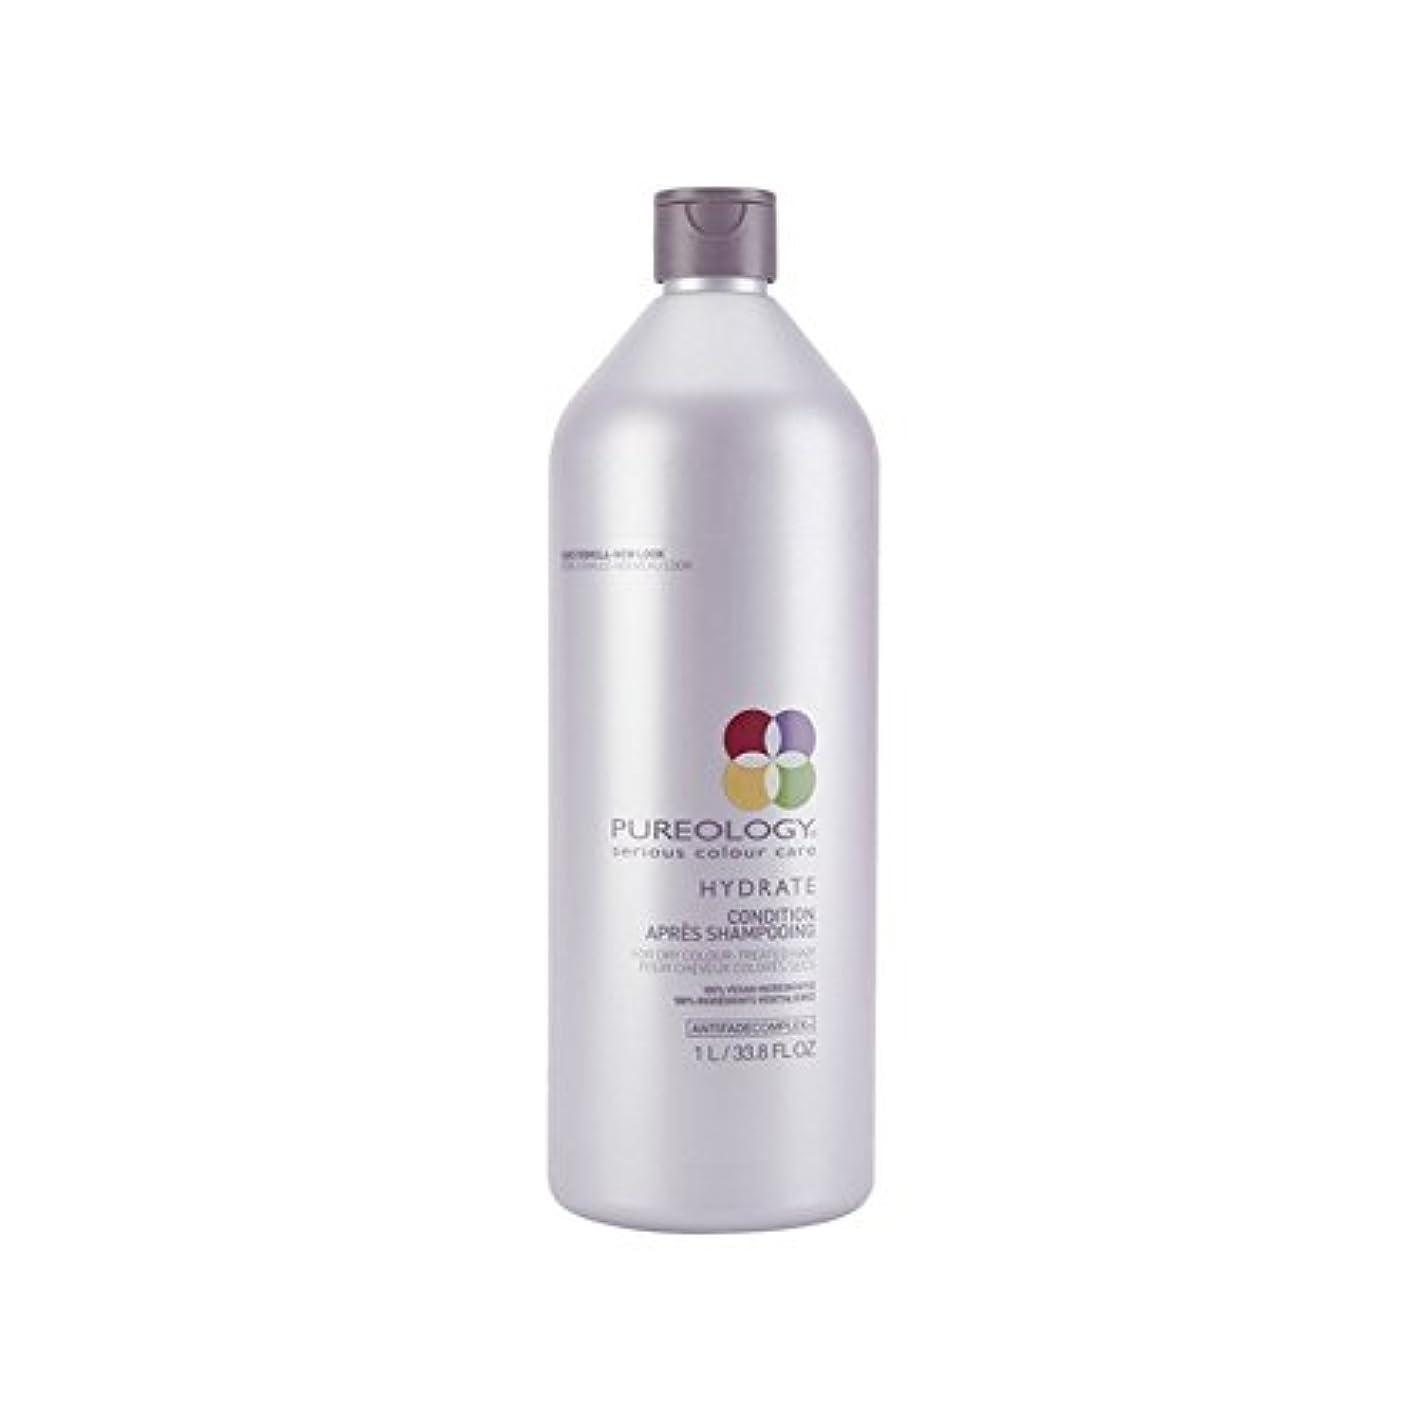 休憩無一文多年生純粋な水和物コンディショナー(千ミリリットル) x4 - Pureology Pure Hydrate Conditioner (1000ml) (Pack of 4) [並行輸入品]